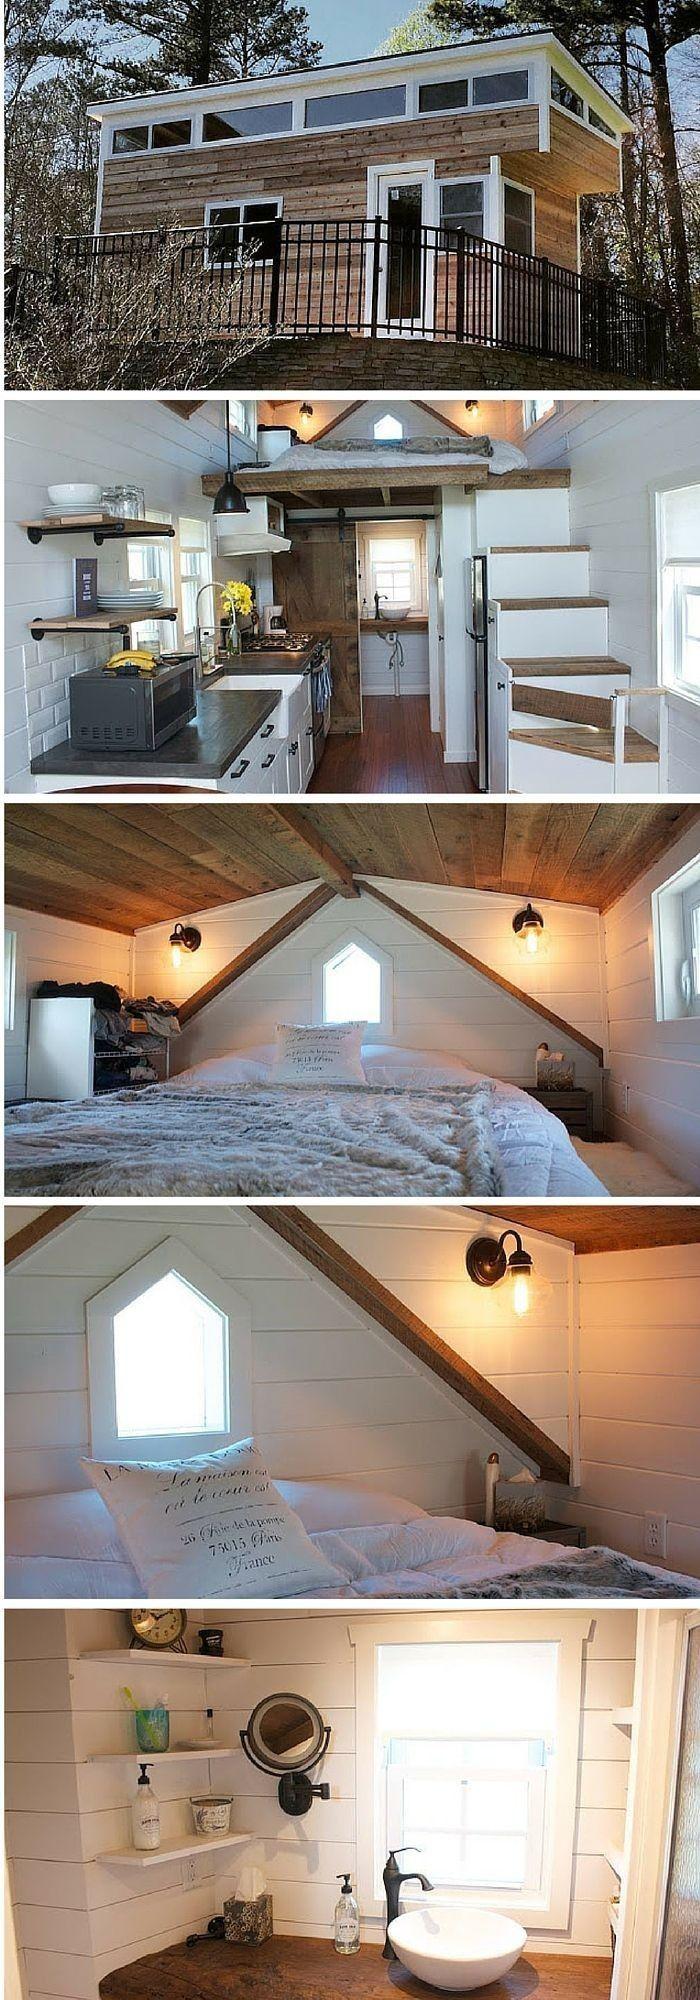 Tiny house 204 square feet Tiny Houses